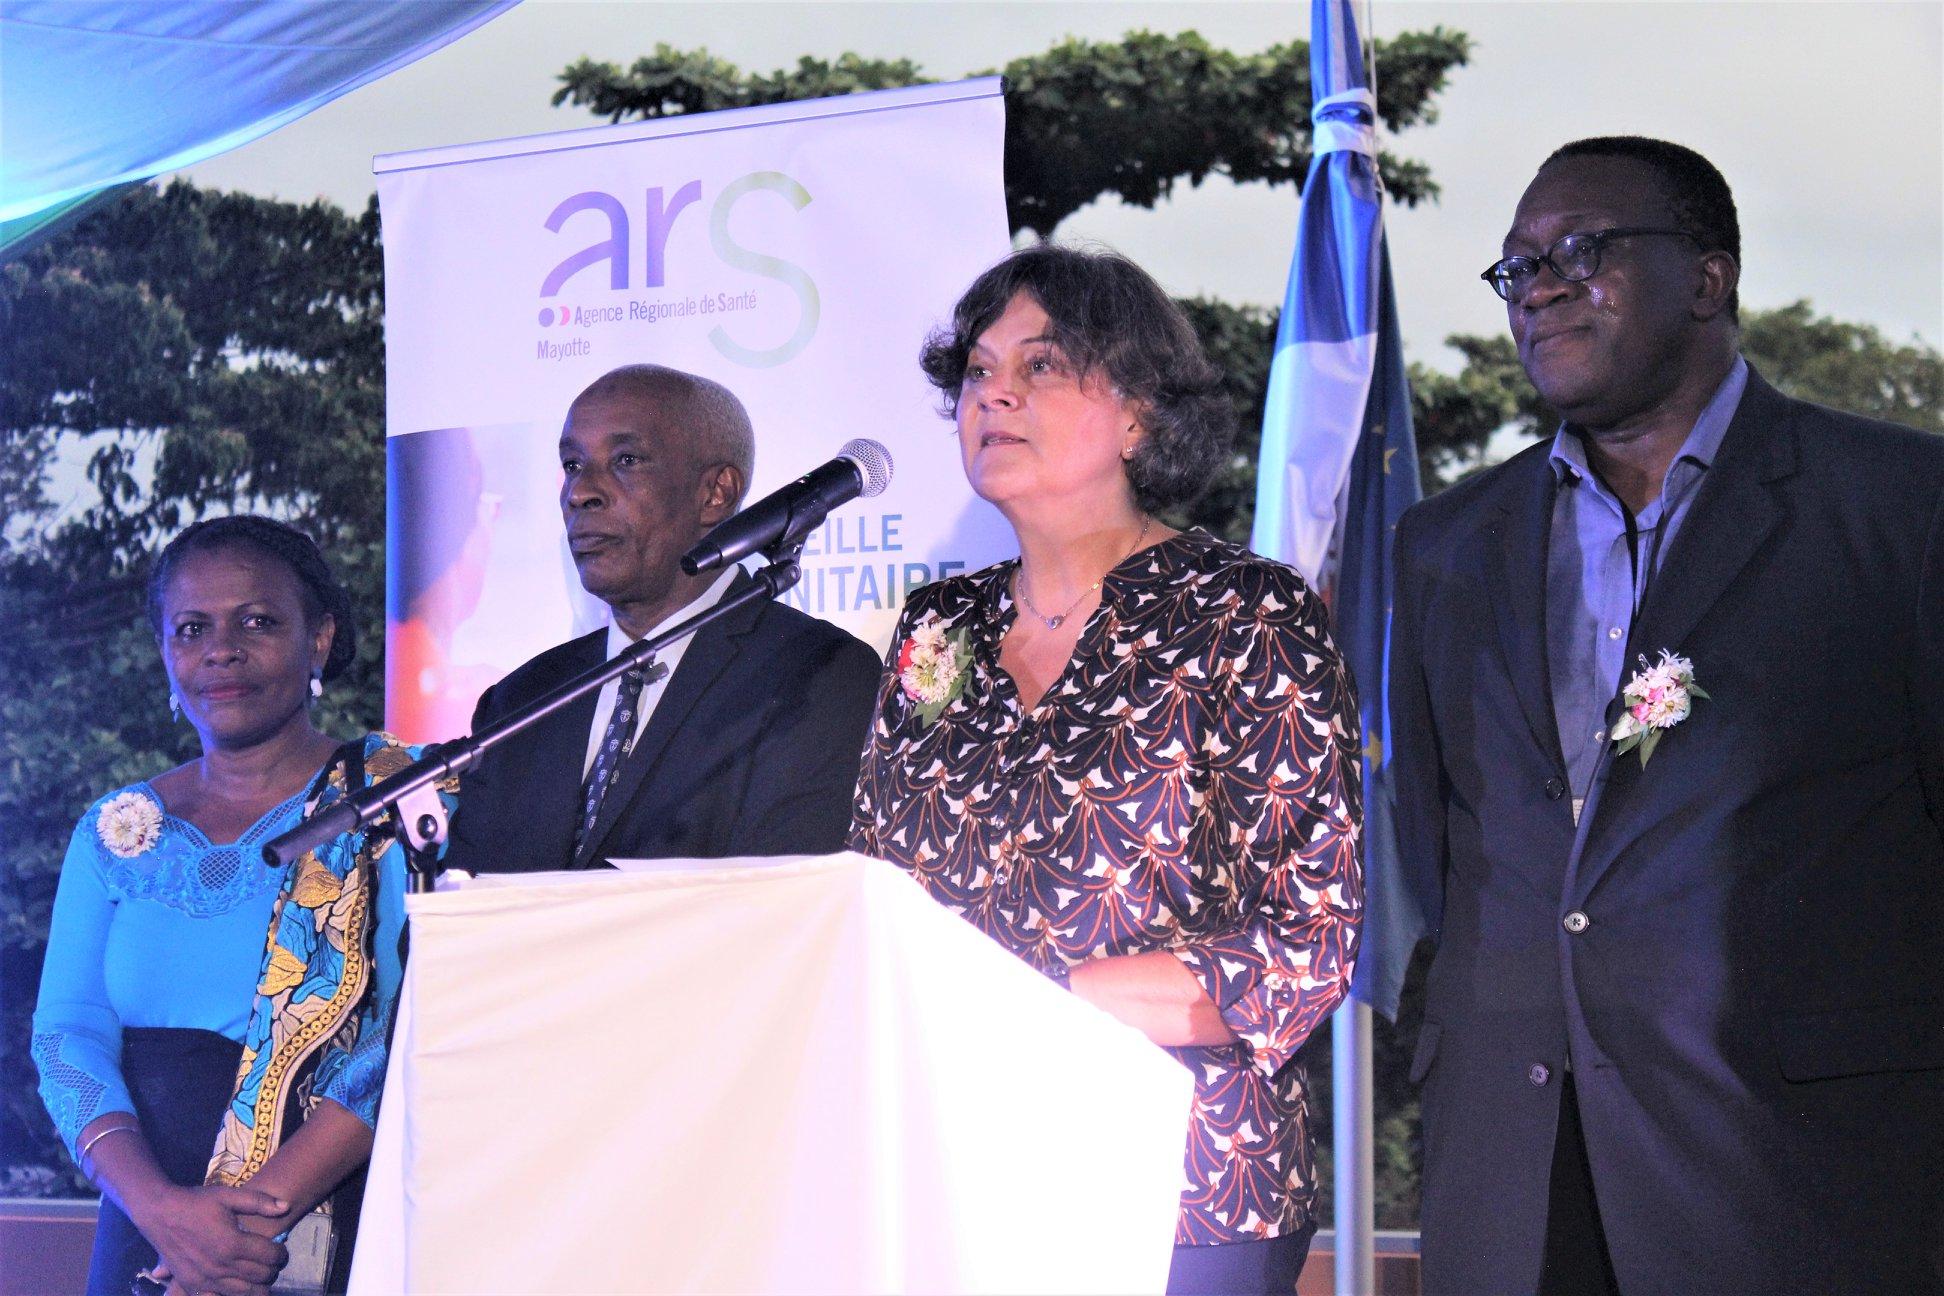 Covid-19-Mayotte : La directrice de l'ARS Dominique Voynet favorable à un déconfinement tardif mais « adapté»